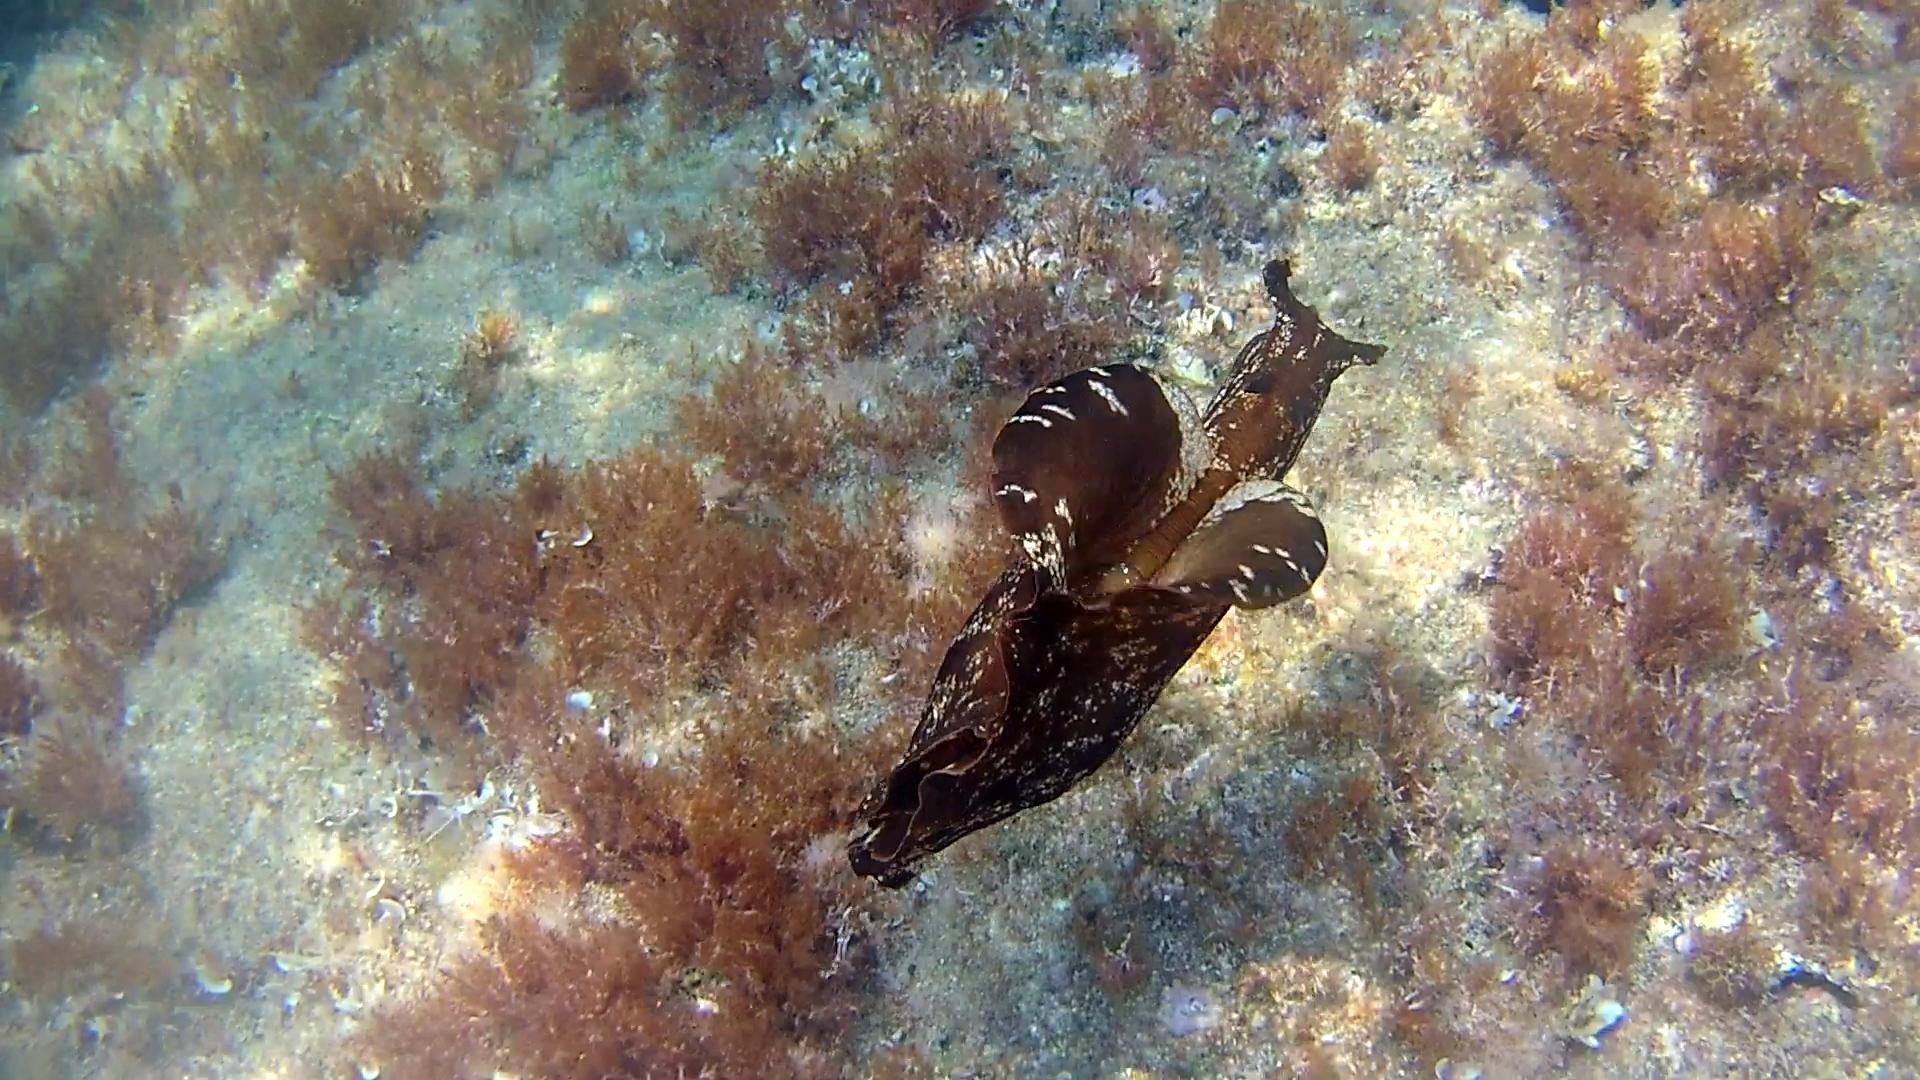 La Lepre Marina - Aplysia depilans - Ballerina Spagnola del Mediterraneo - Depilatory Sea Hare - intotheblue.it